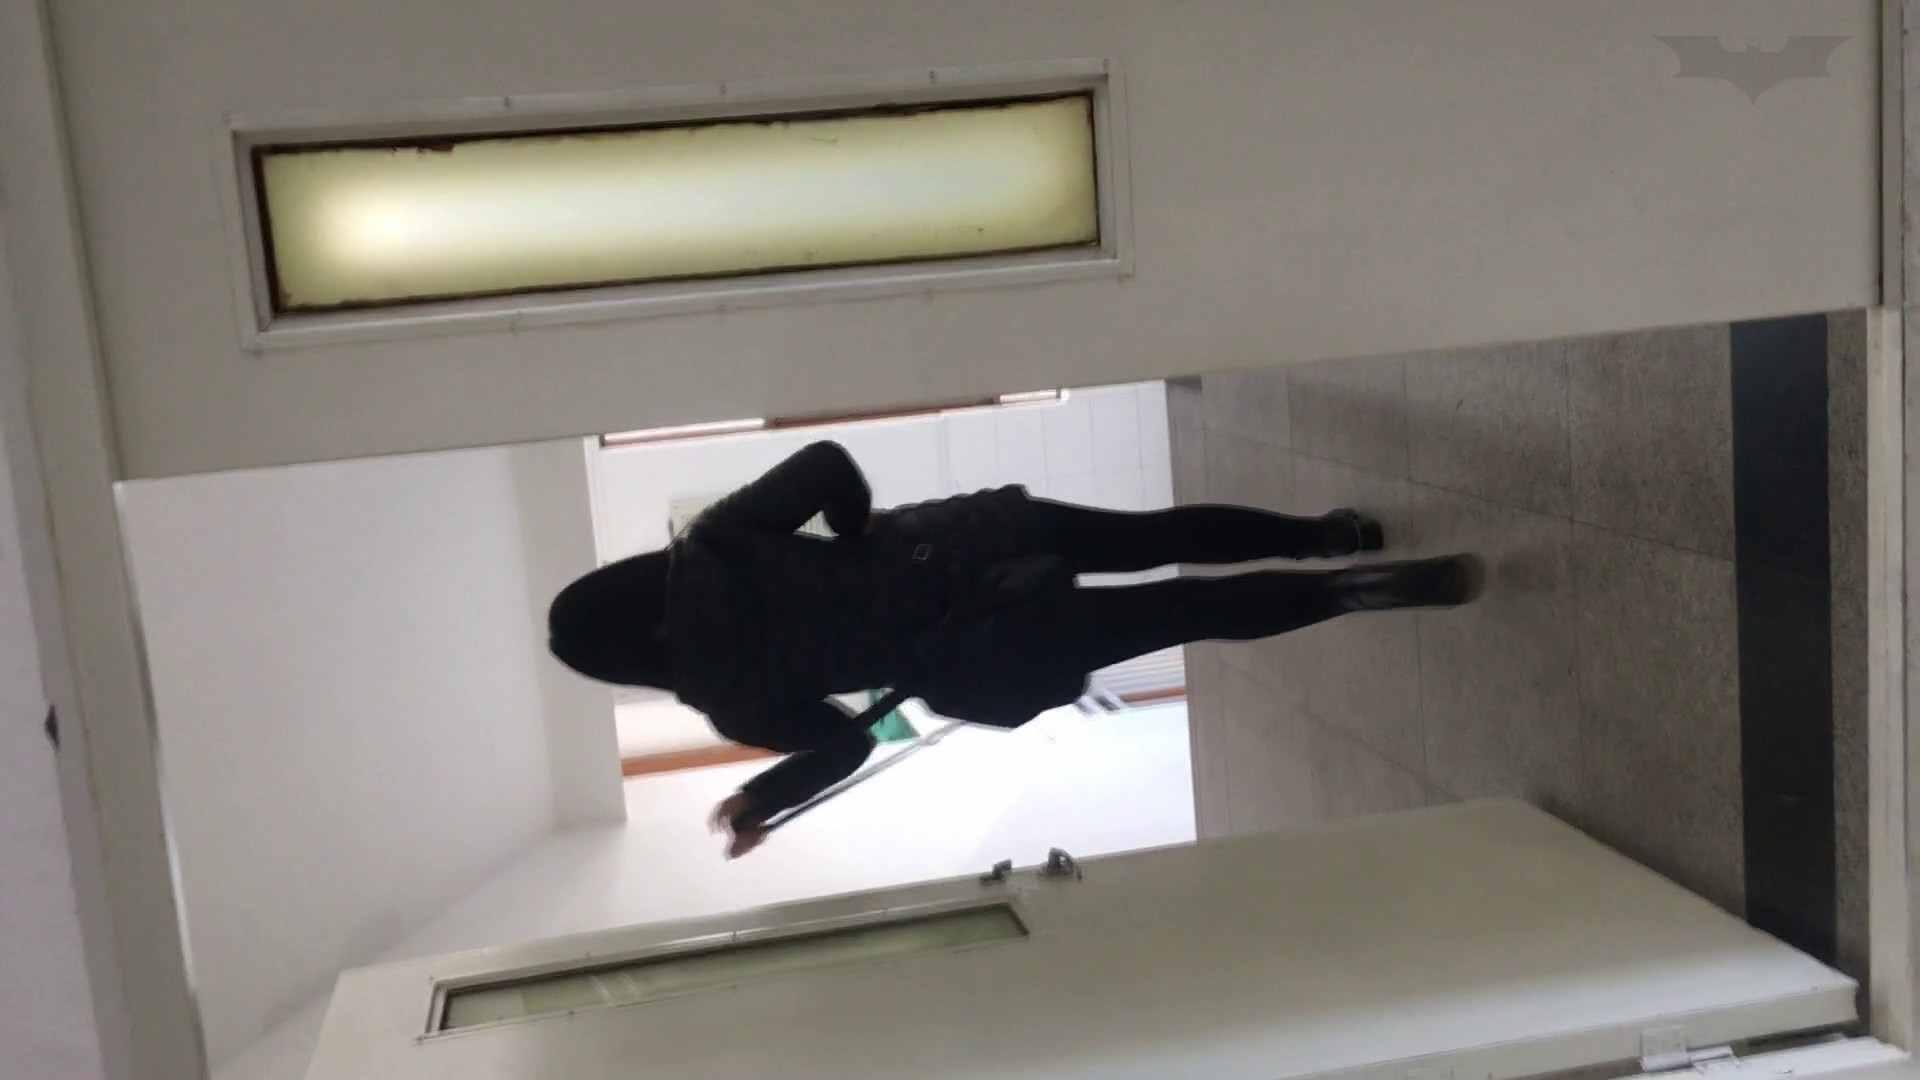 芸術大学ガチ潜入盗sati JD盗撮 美女の洗面所の秘密 Vol.95 マンコ  72pic 28